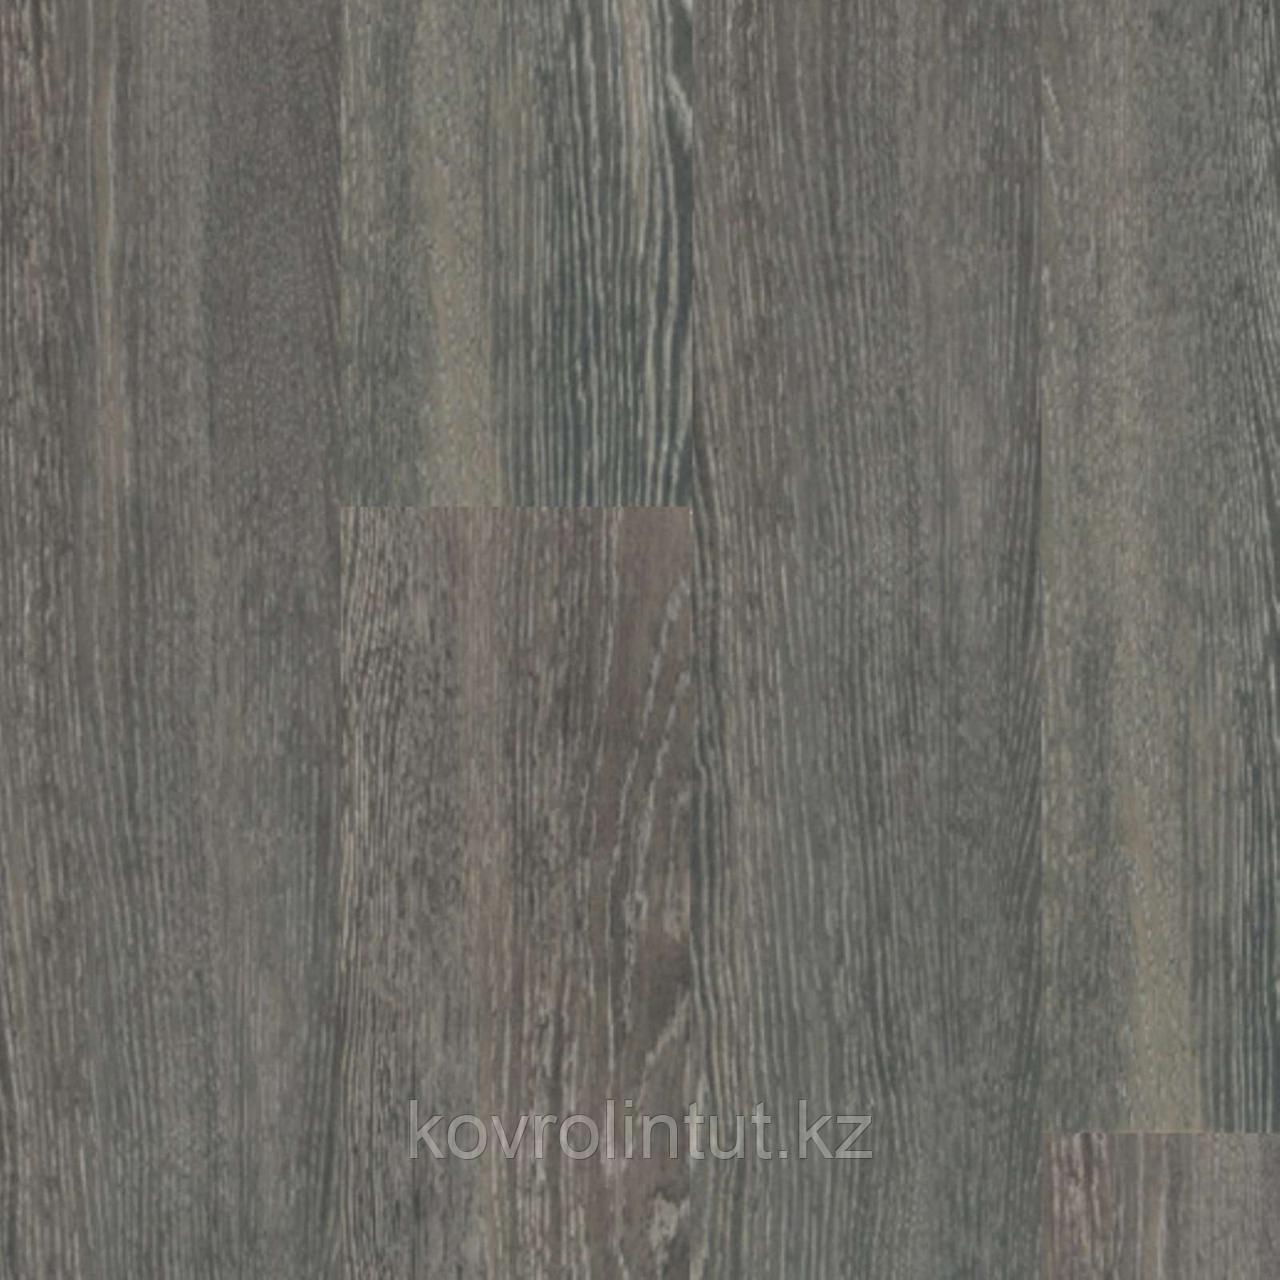 Плитка ПВХ клеевая Tarkett Art Vinyl New Age Orient 230179007